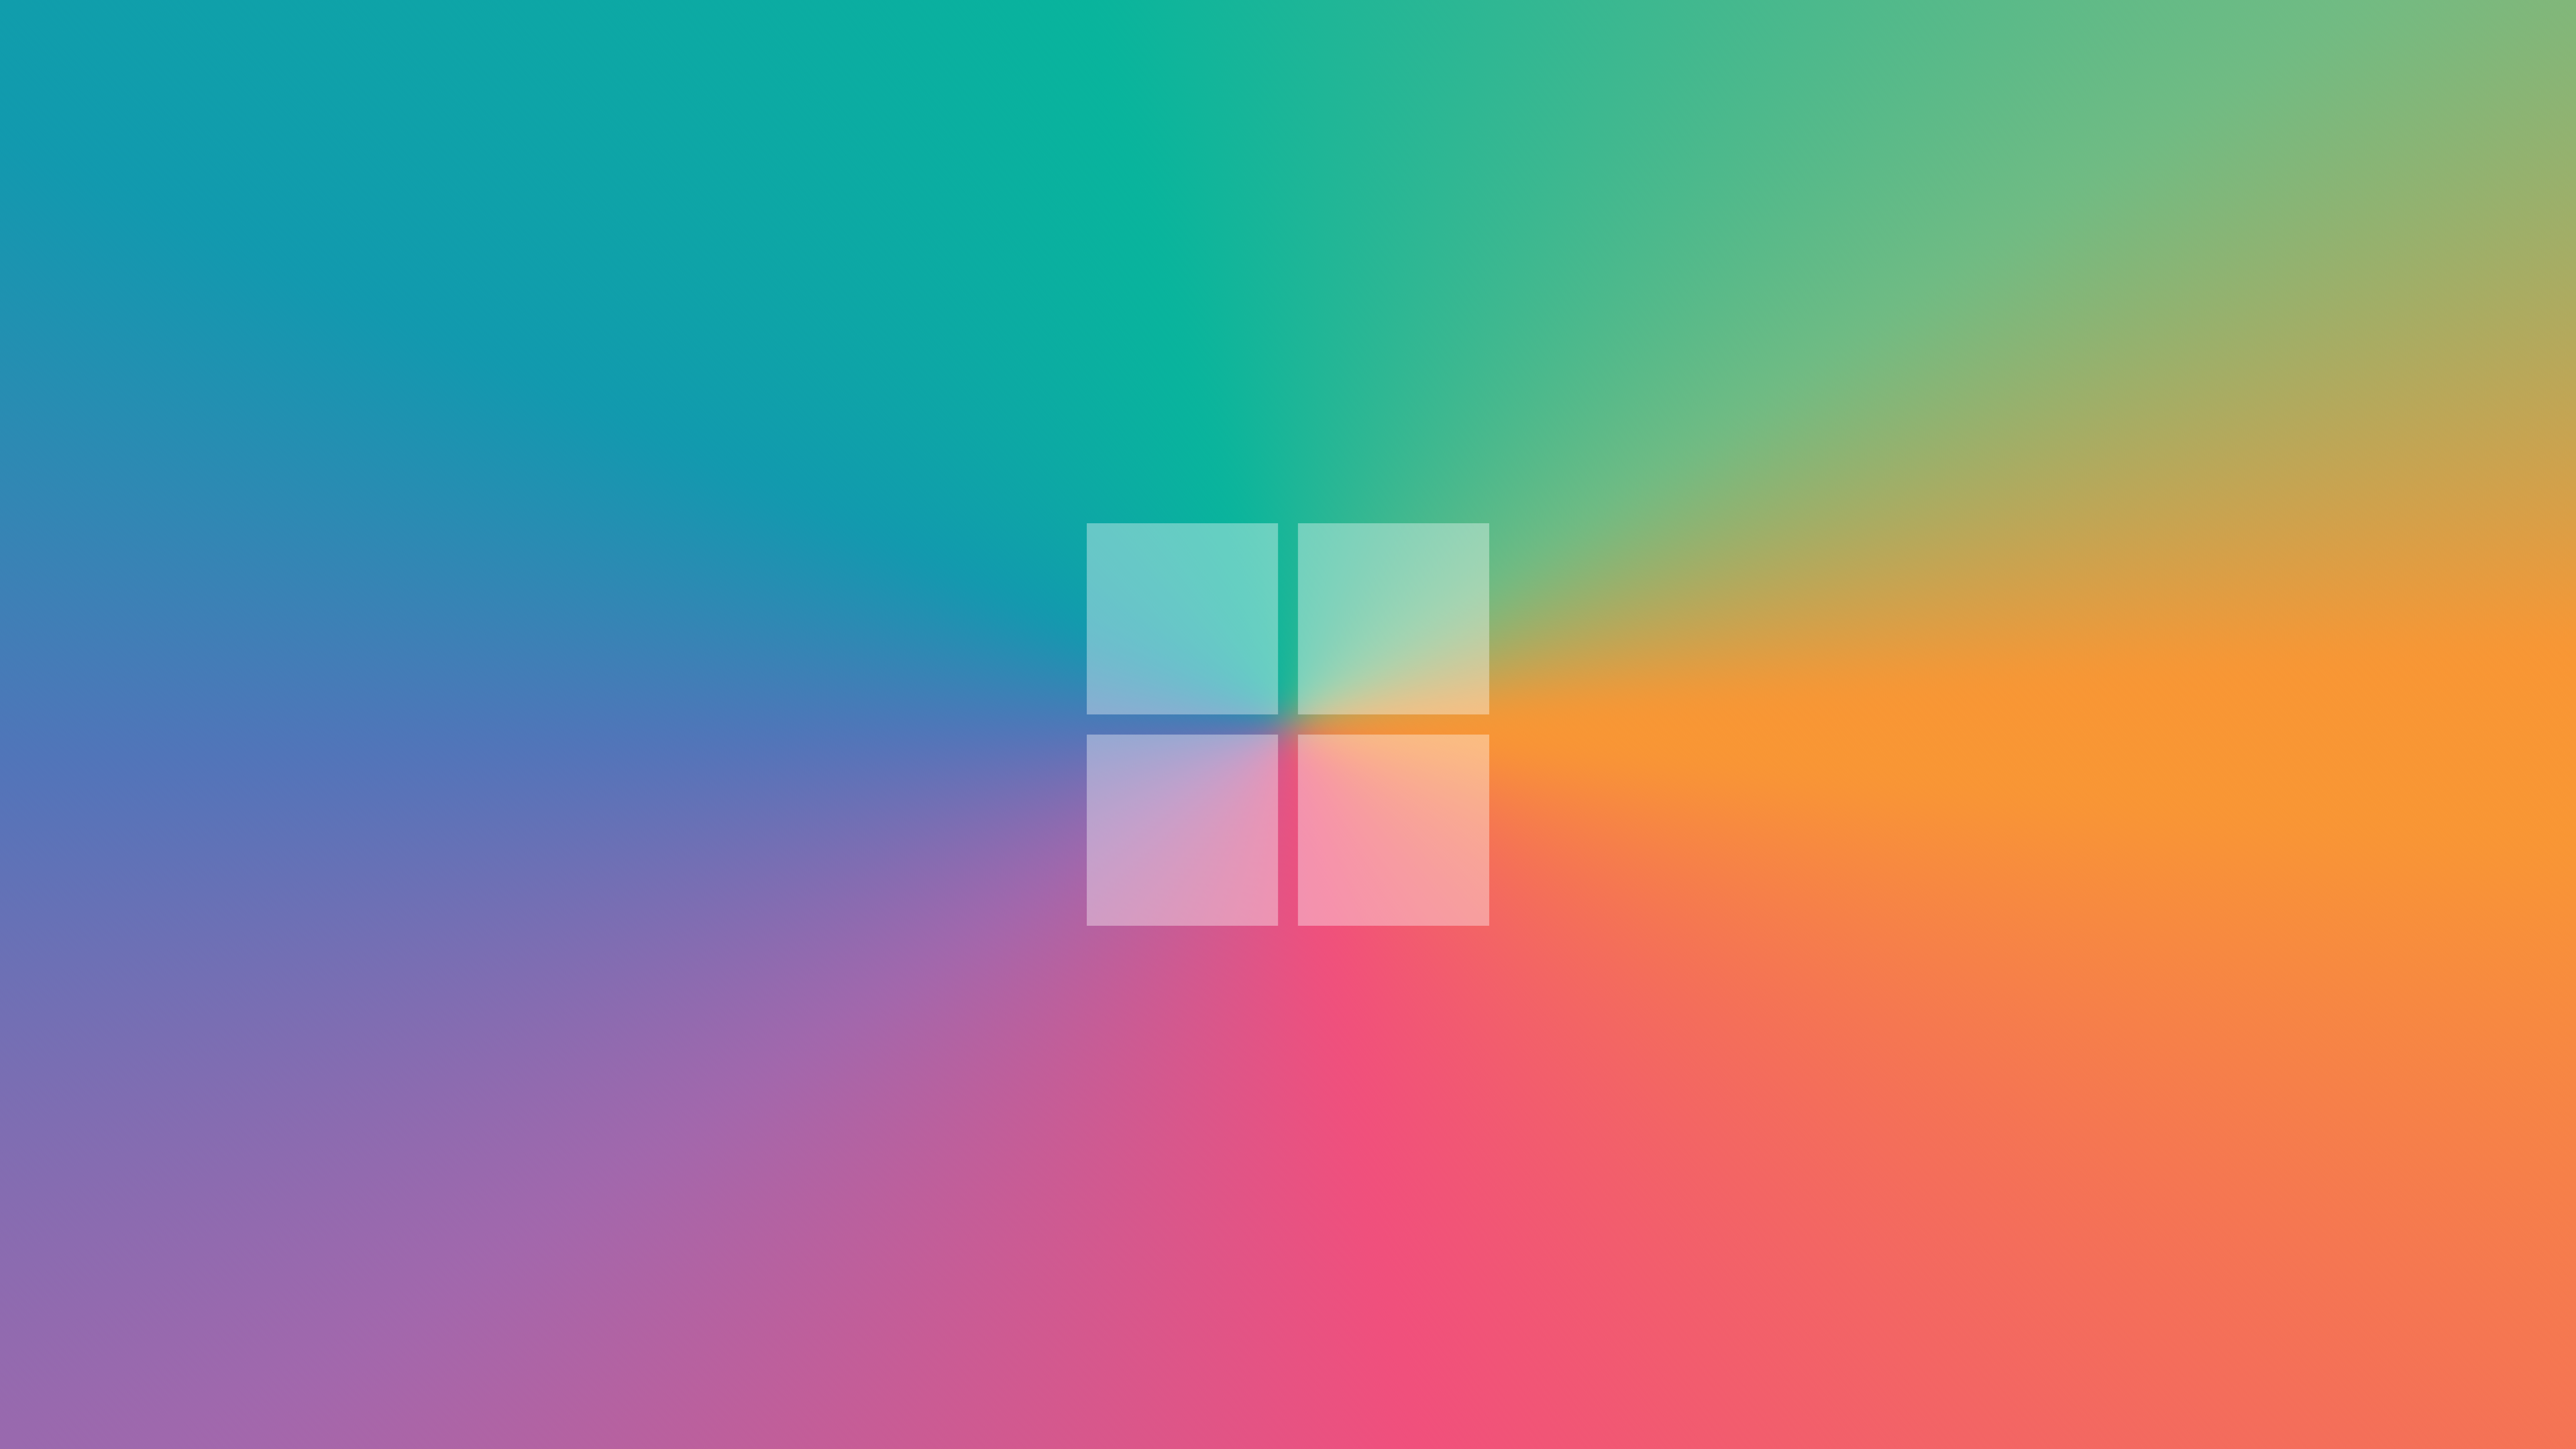 4k Ultra Hd Windows 10 Wallpaper 4k In 2021 Windows Desktop Wallpaper Microsoft Wallpaper Wallpaper Iphone Neon